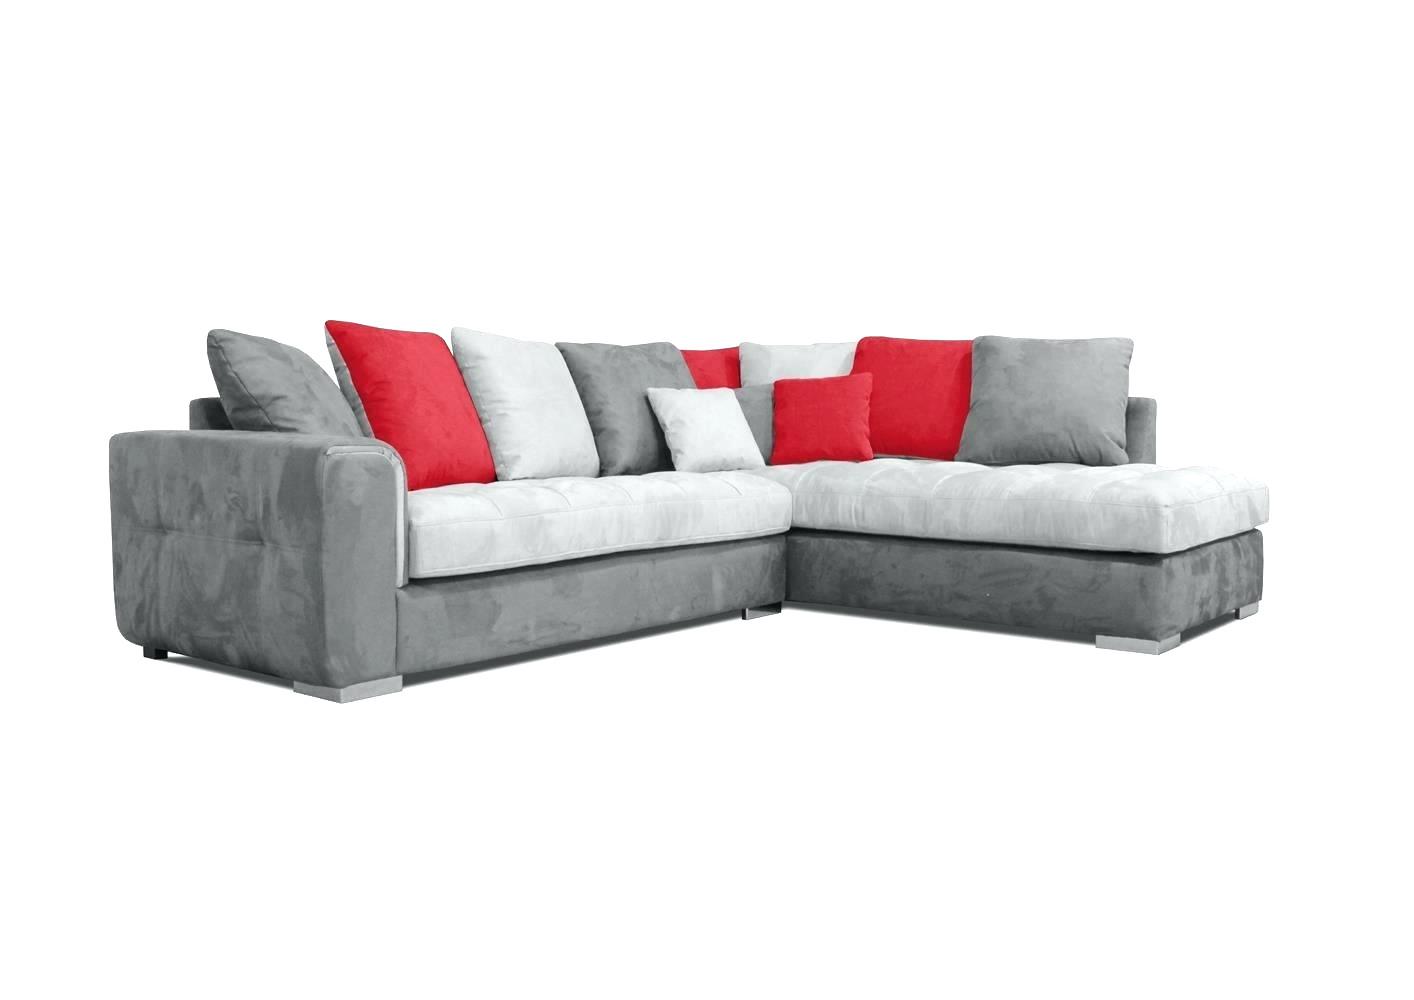 Jetée De Canapé Ikea Frais Images sofa Gonflable Ikea